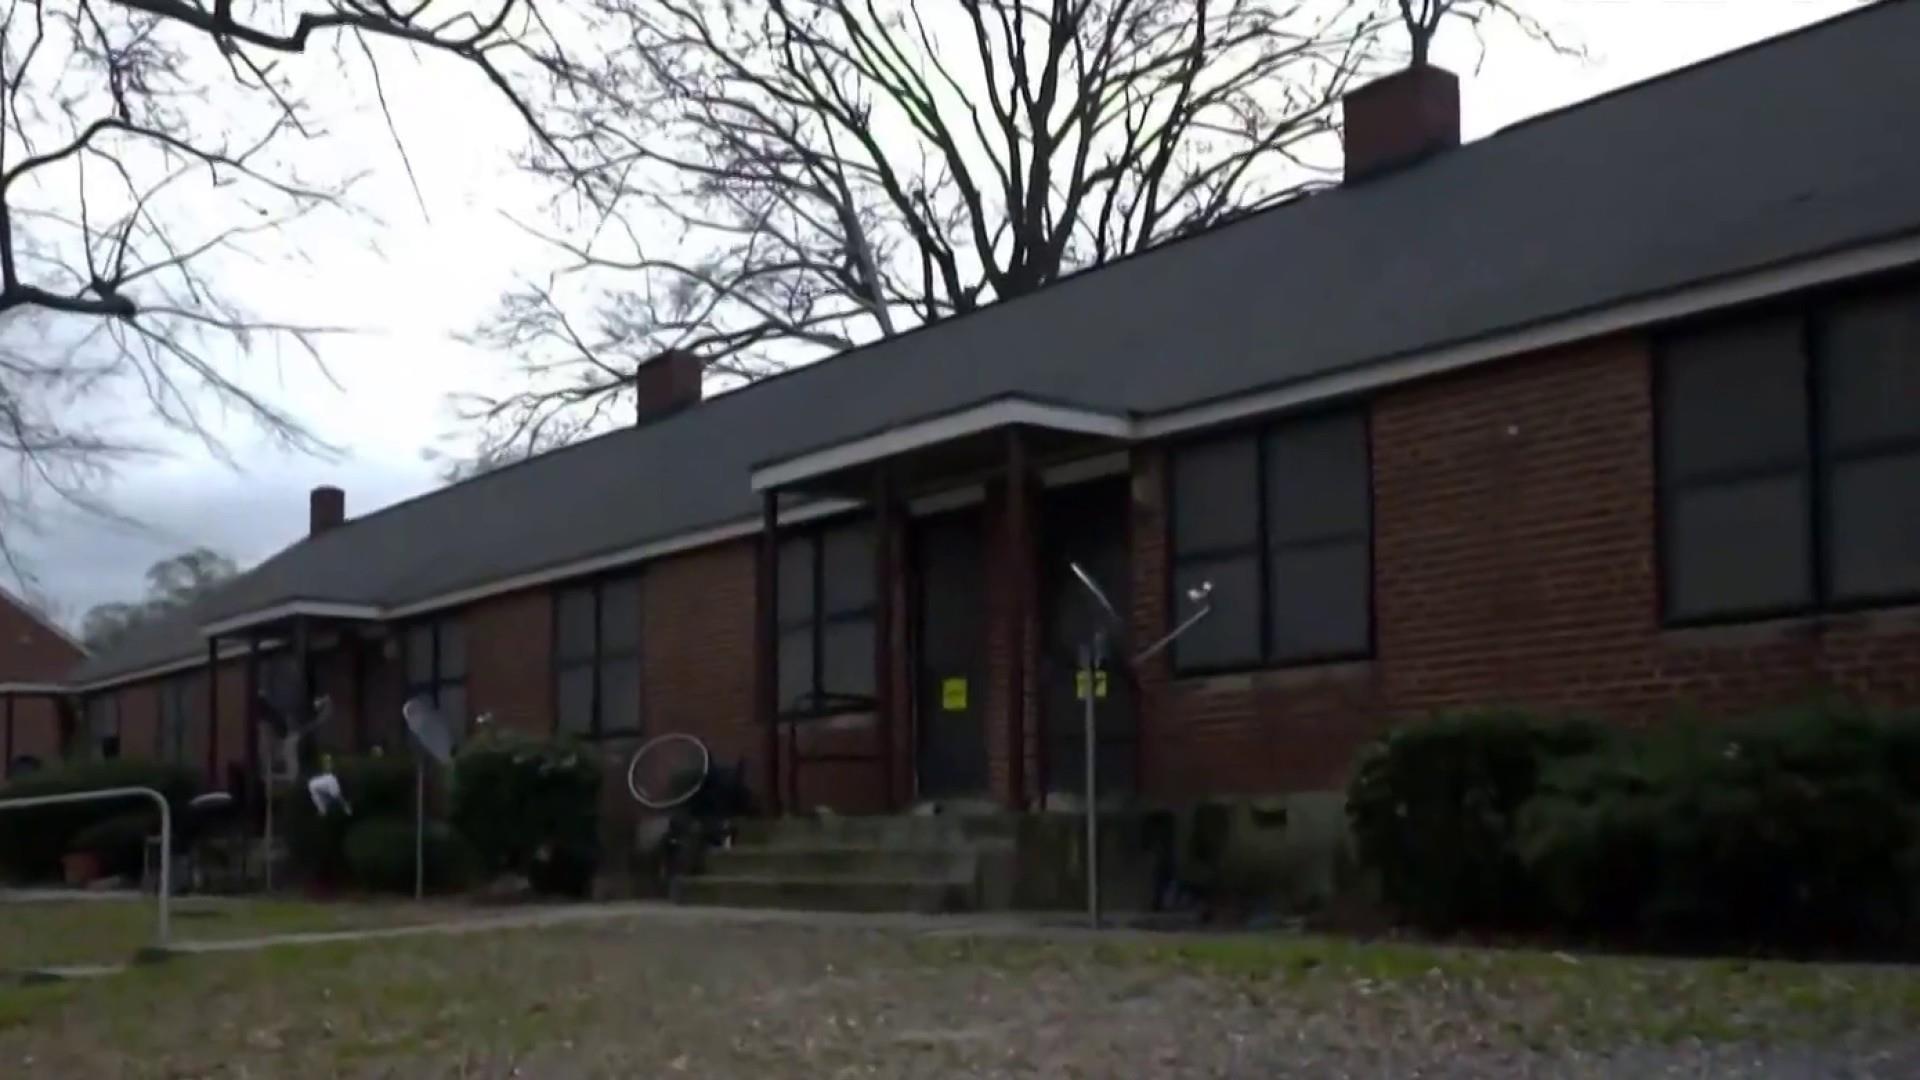 Carbon monoxide is killing public housing residents, but HUD